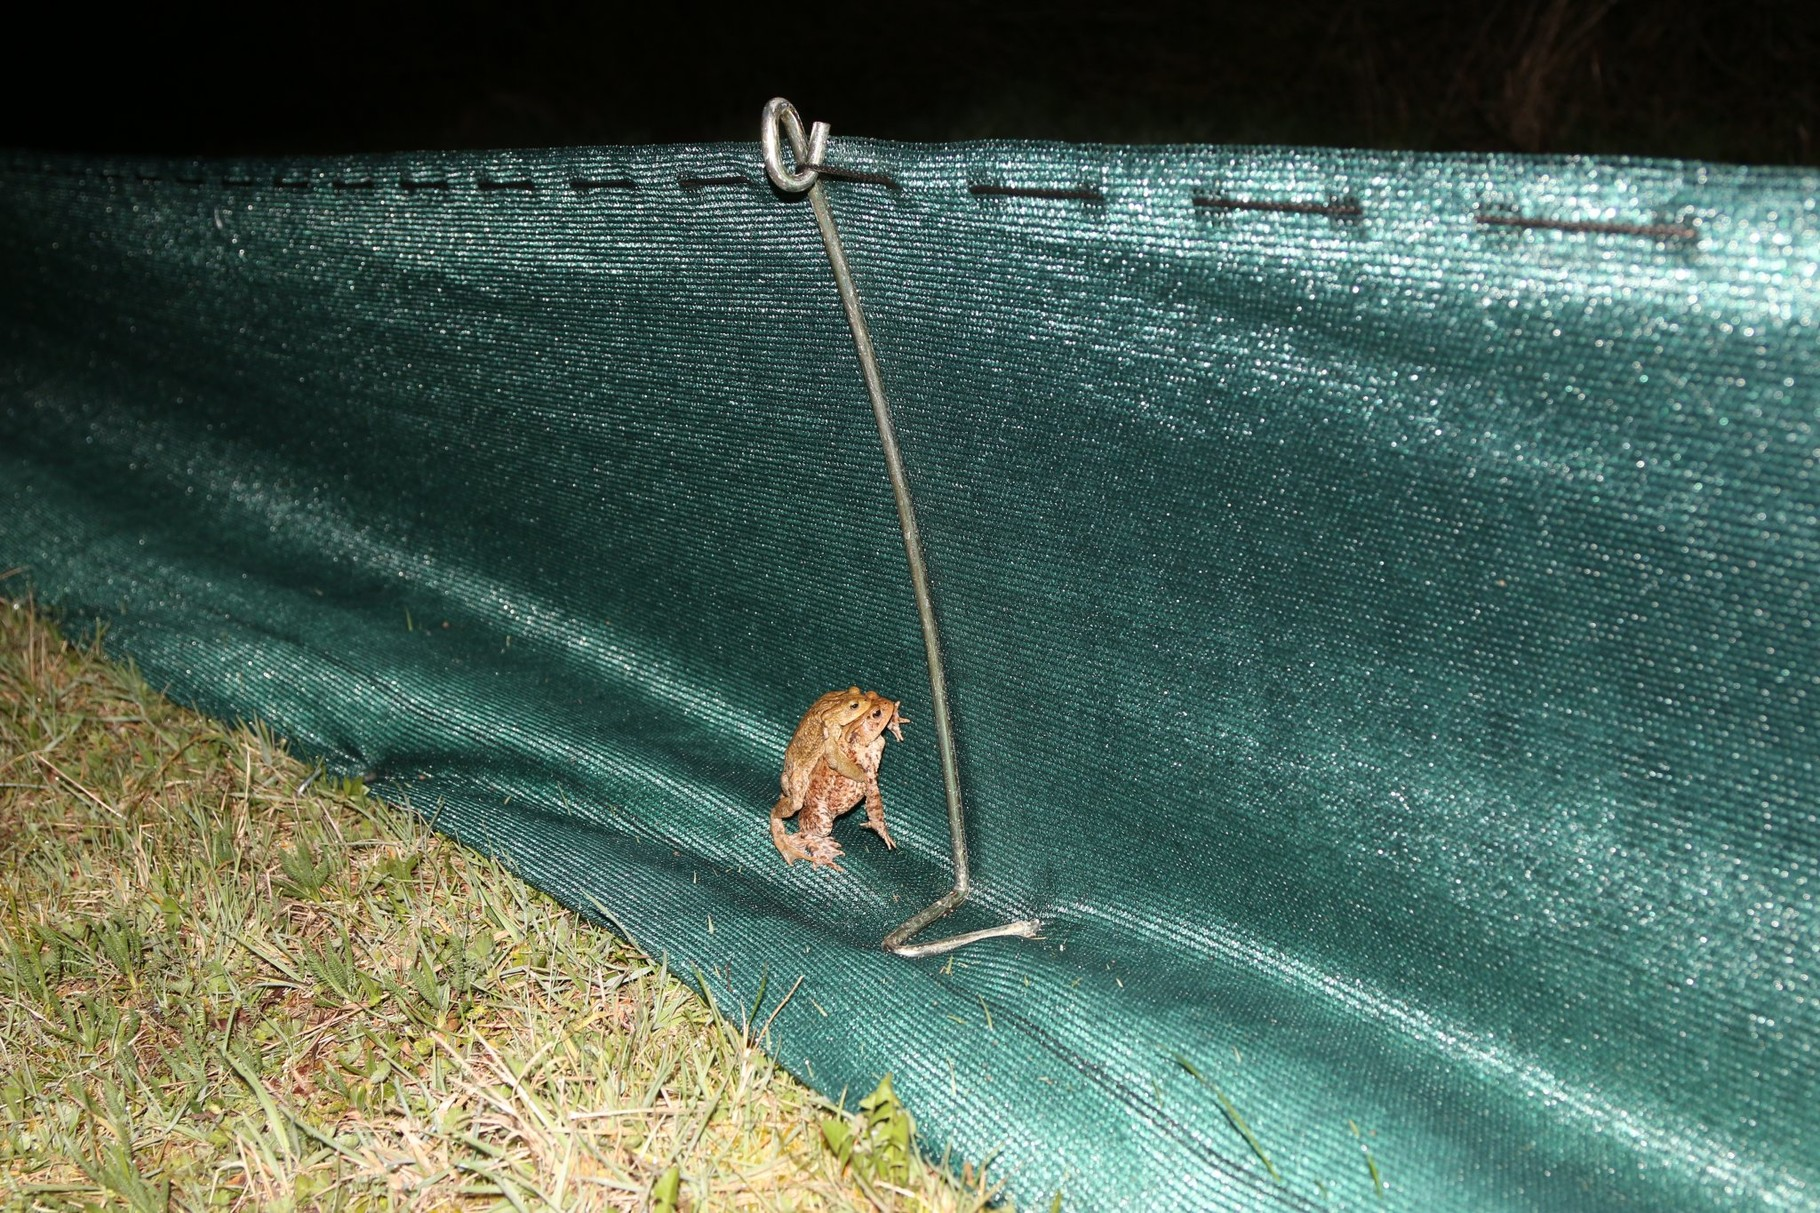 Kein Weiterkommen am Amphibienzaun